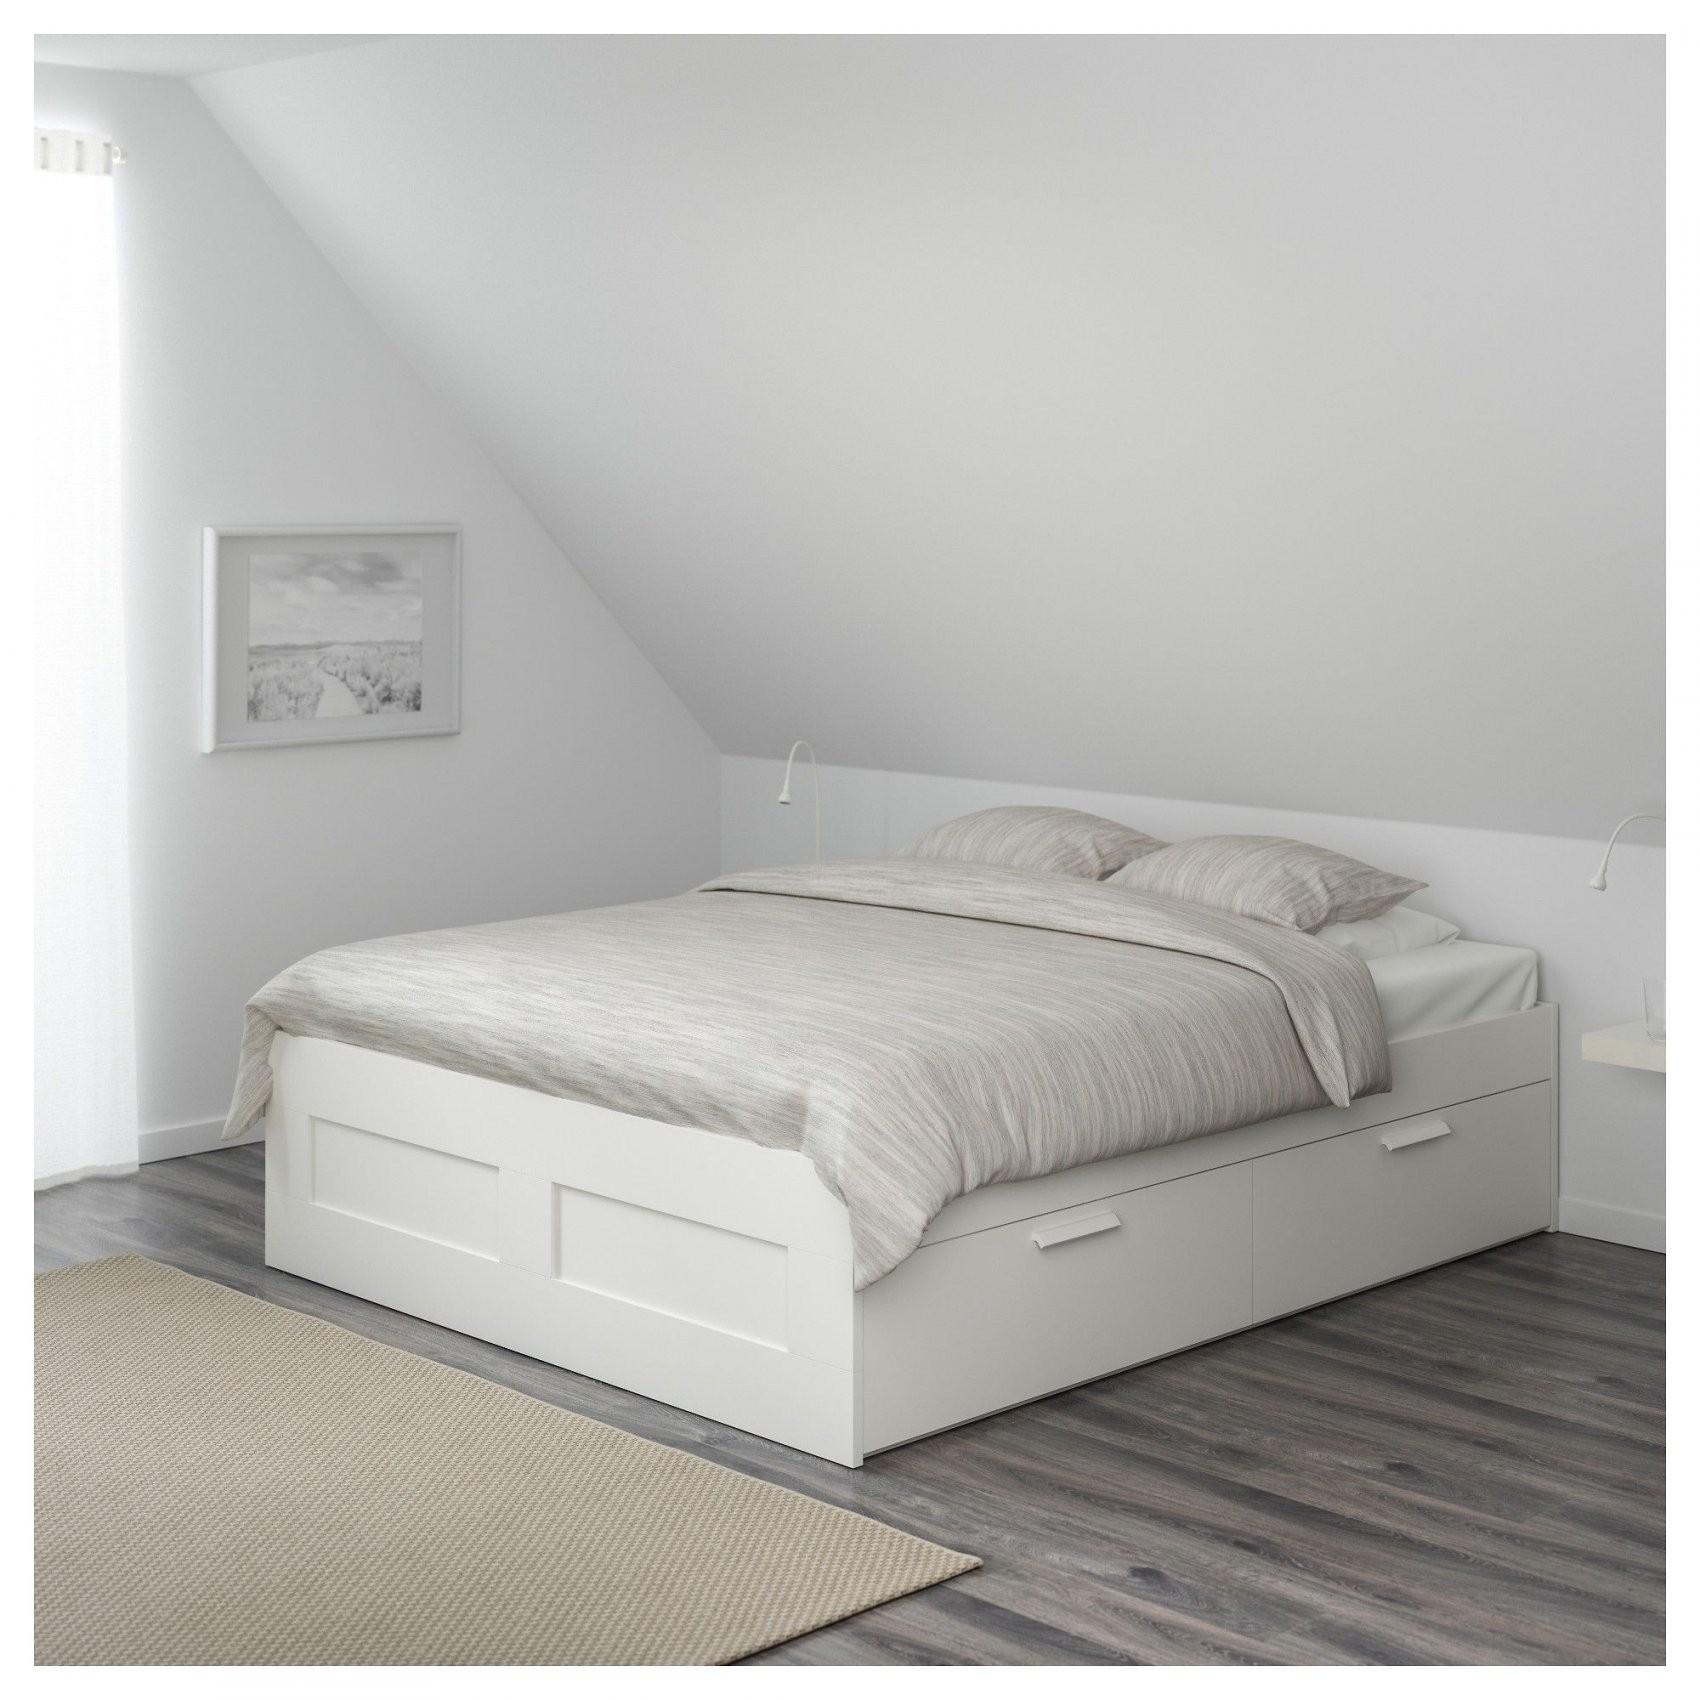 Bett Kaufen Ikea Beste Schlafliege Ikea Neu Einzelbett Weis Auch von Bett 200X200 Ikea Bild